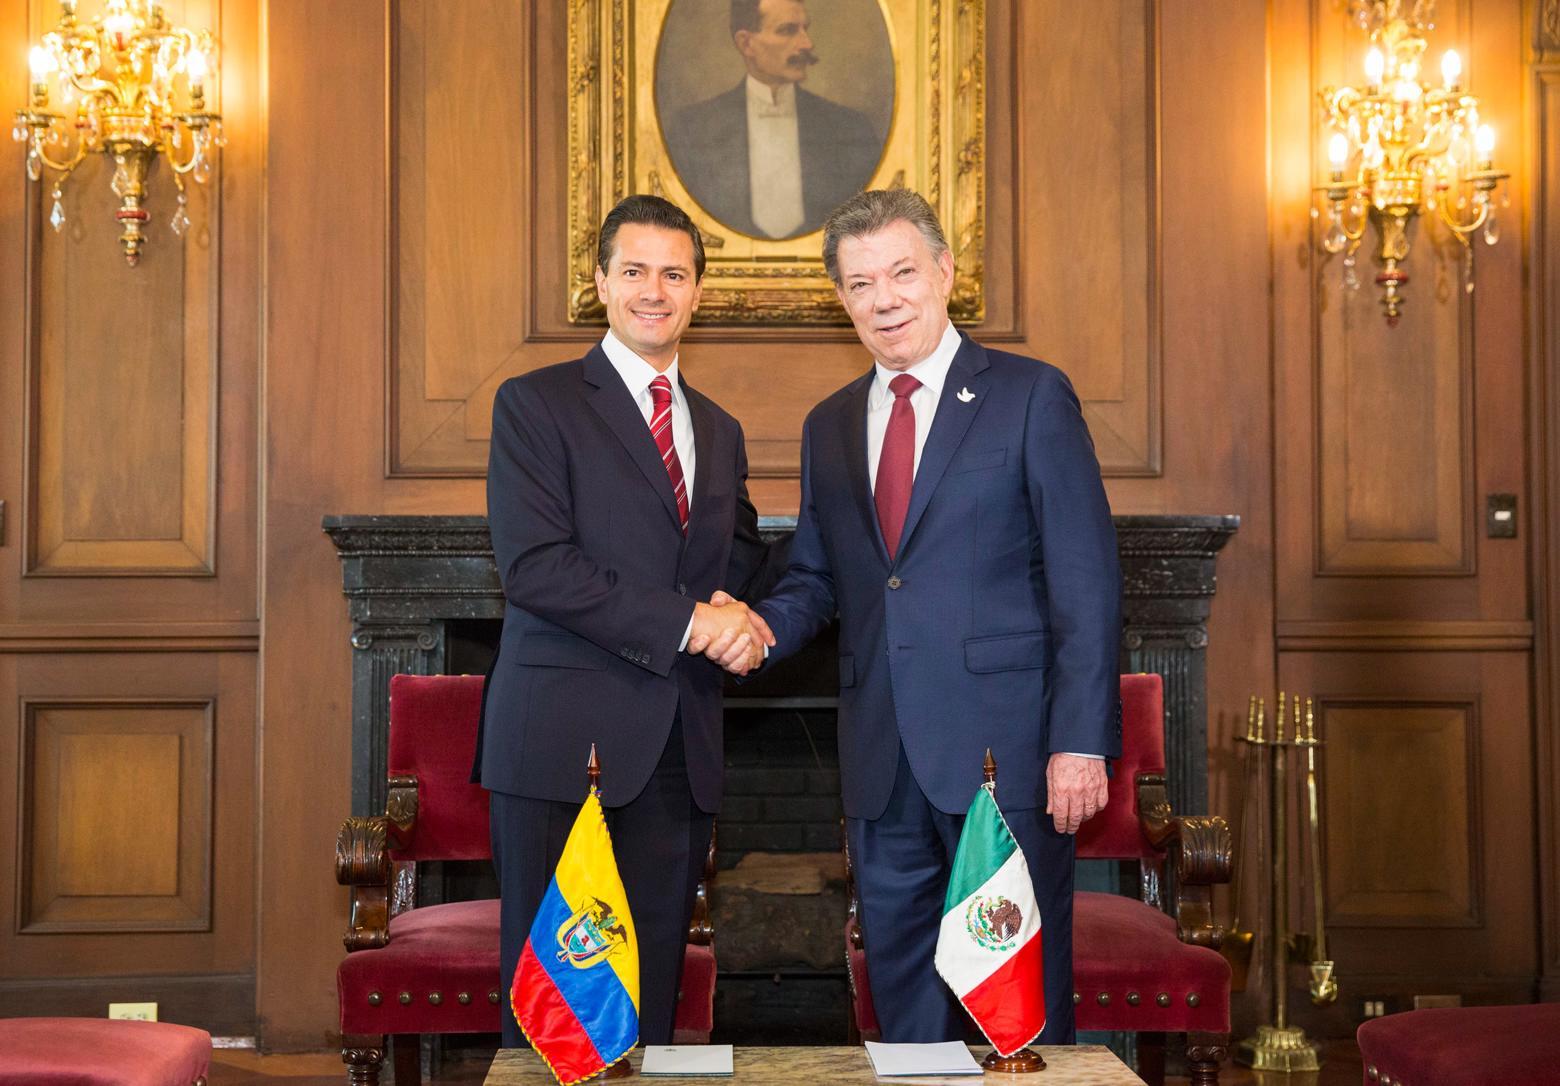 El Mandatario mexicano reiteró la felicitación al Presidente Juan Manuel Santos por el Premio Nobel de la Paz como reconocimiento a su esfuerzo incansable para alcanzar la paz en Colombia.